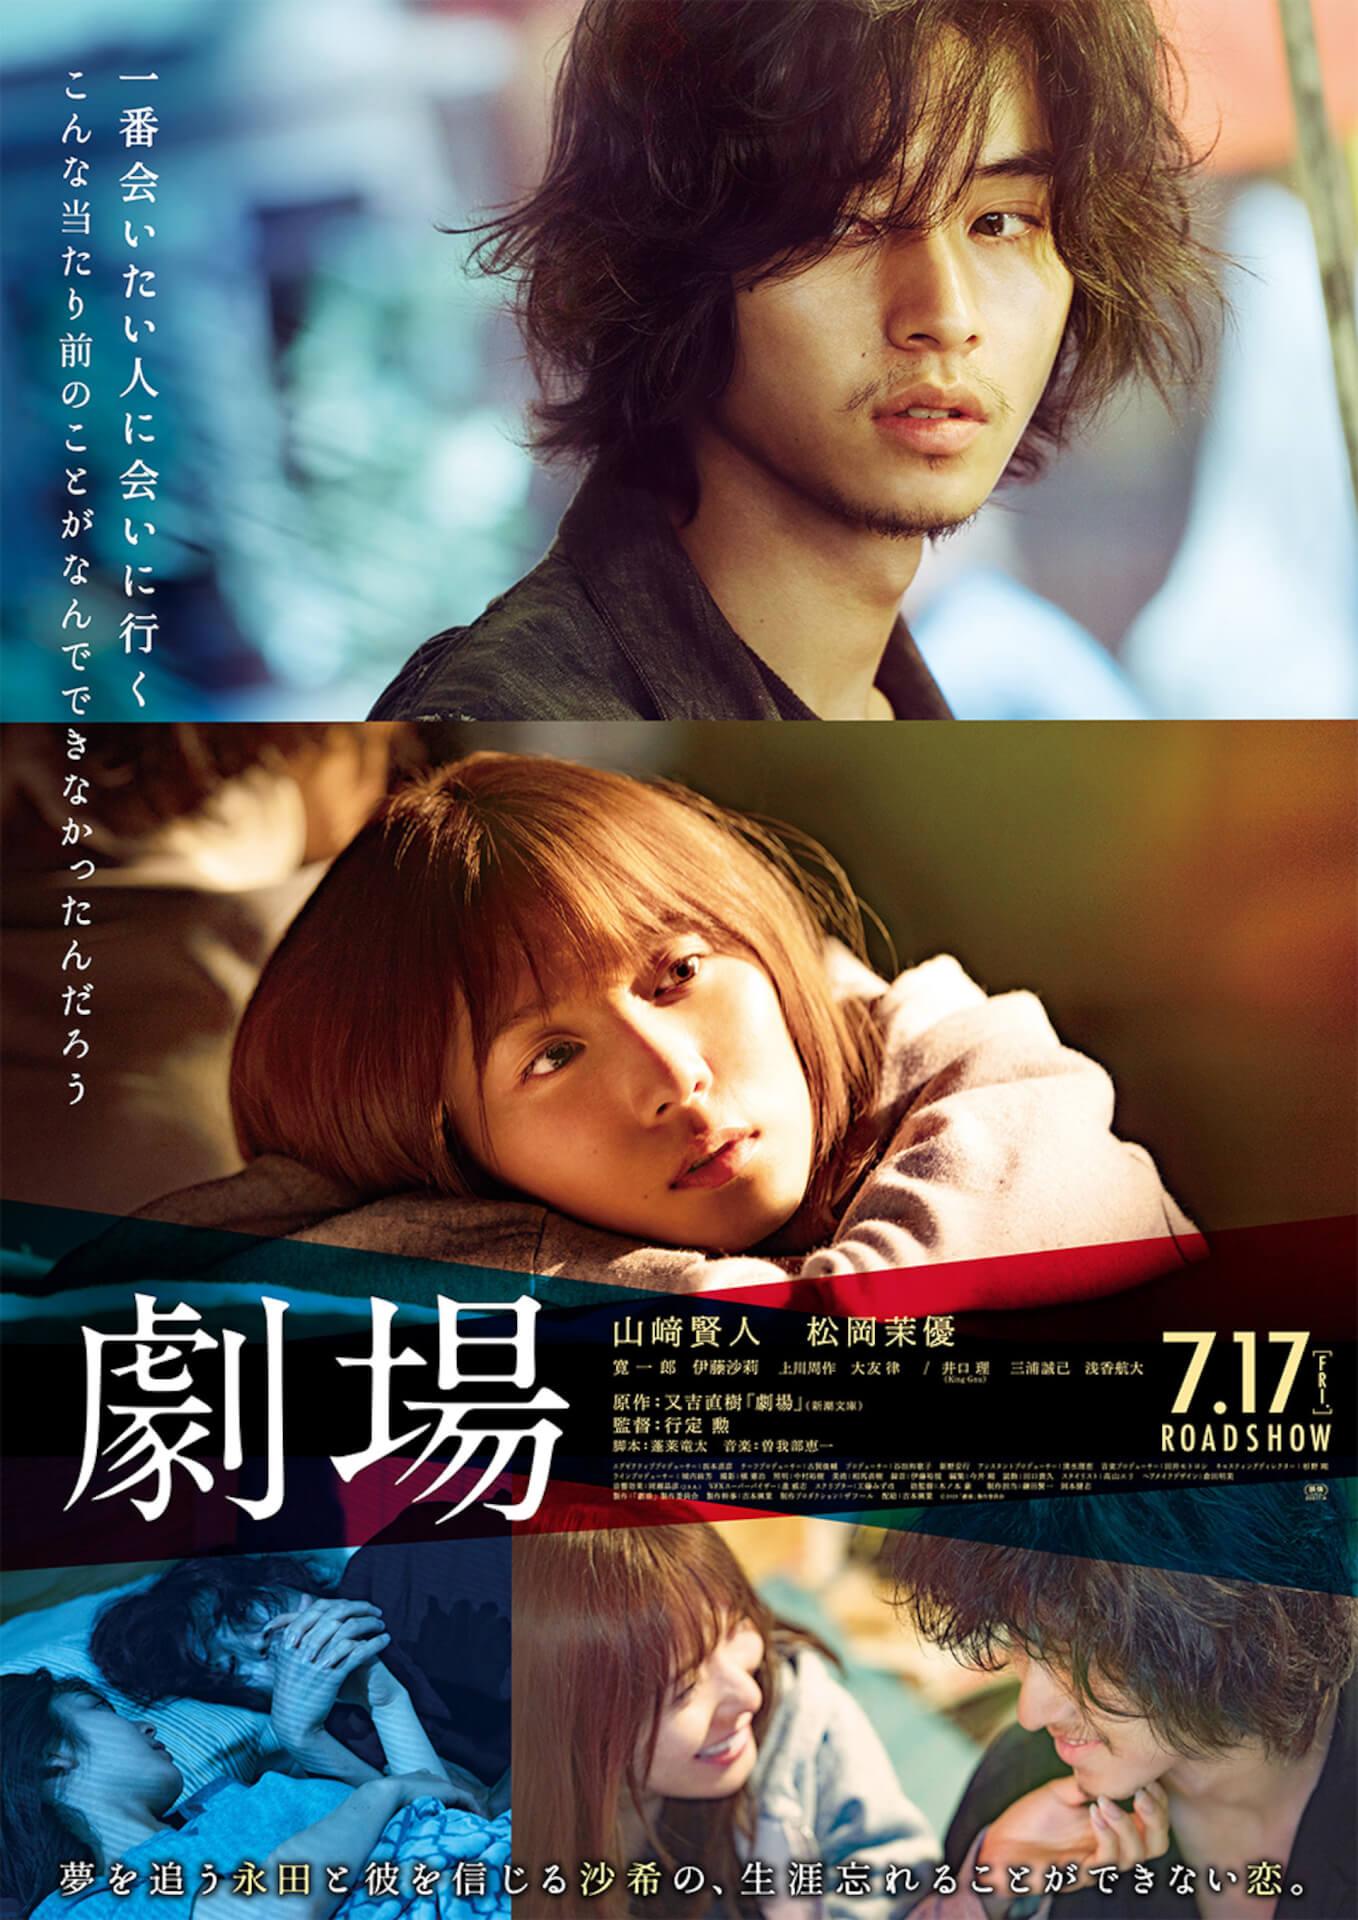 7月公開の映画で期待度が最も高いのは!?『WAVES/ウェイブス』『レイニーデイ・イン・ニューヨーク』などランクインの期待度ランキングがFilmarksで発表 film200630_movie_july_3